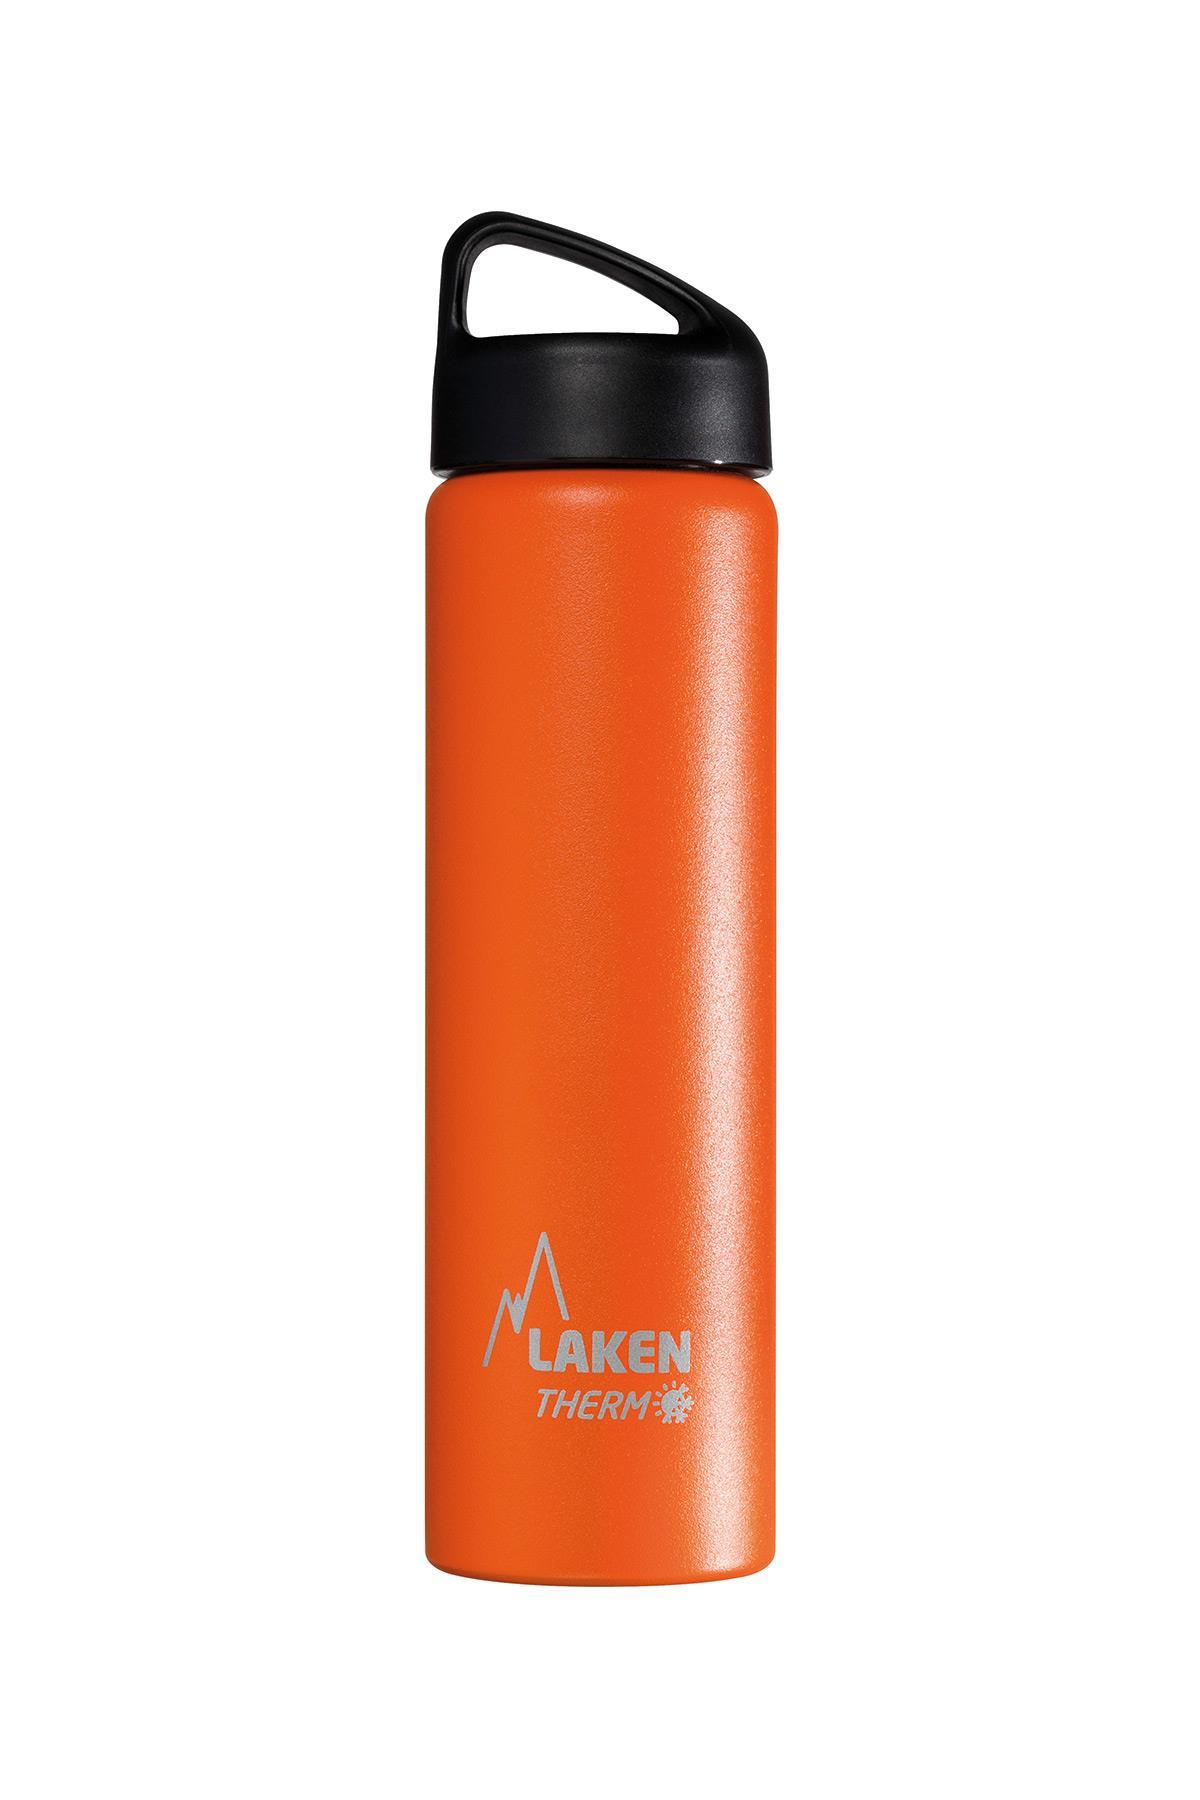 Laken İspanya Üretimi Çelik 18/8 Klasik Termos Şişe 0.75L Turuncu Lkta7O